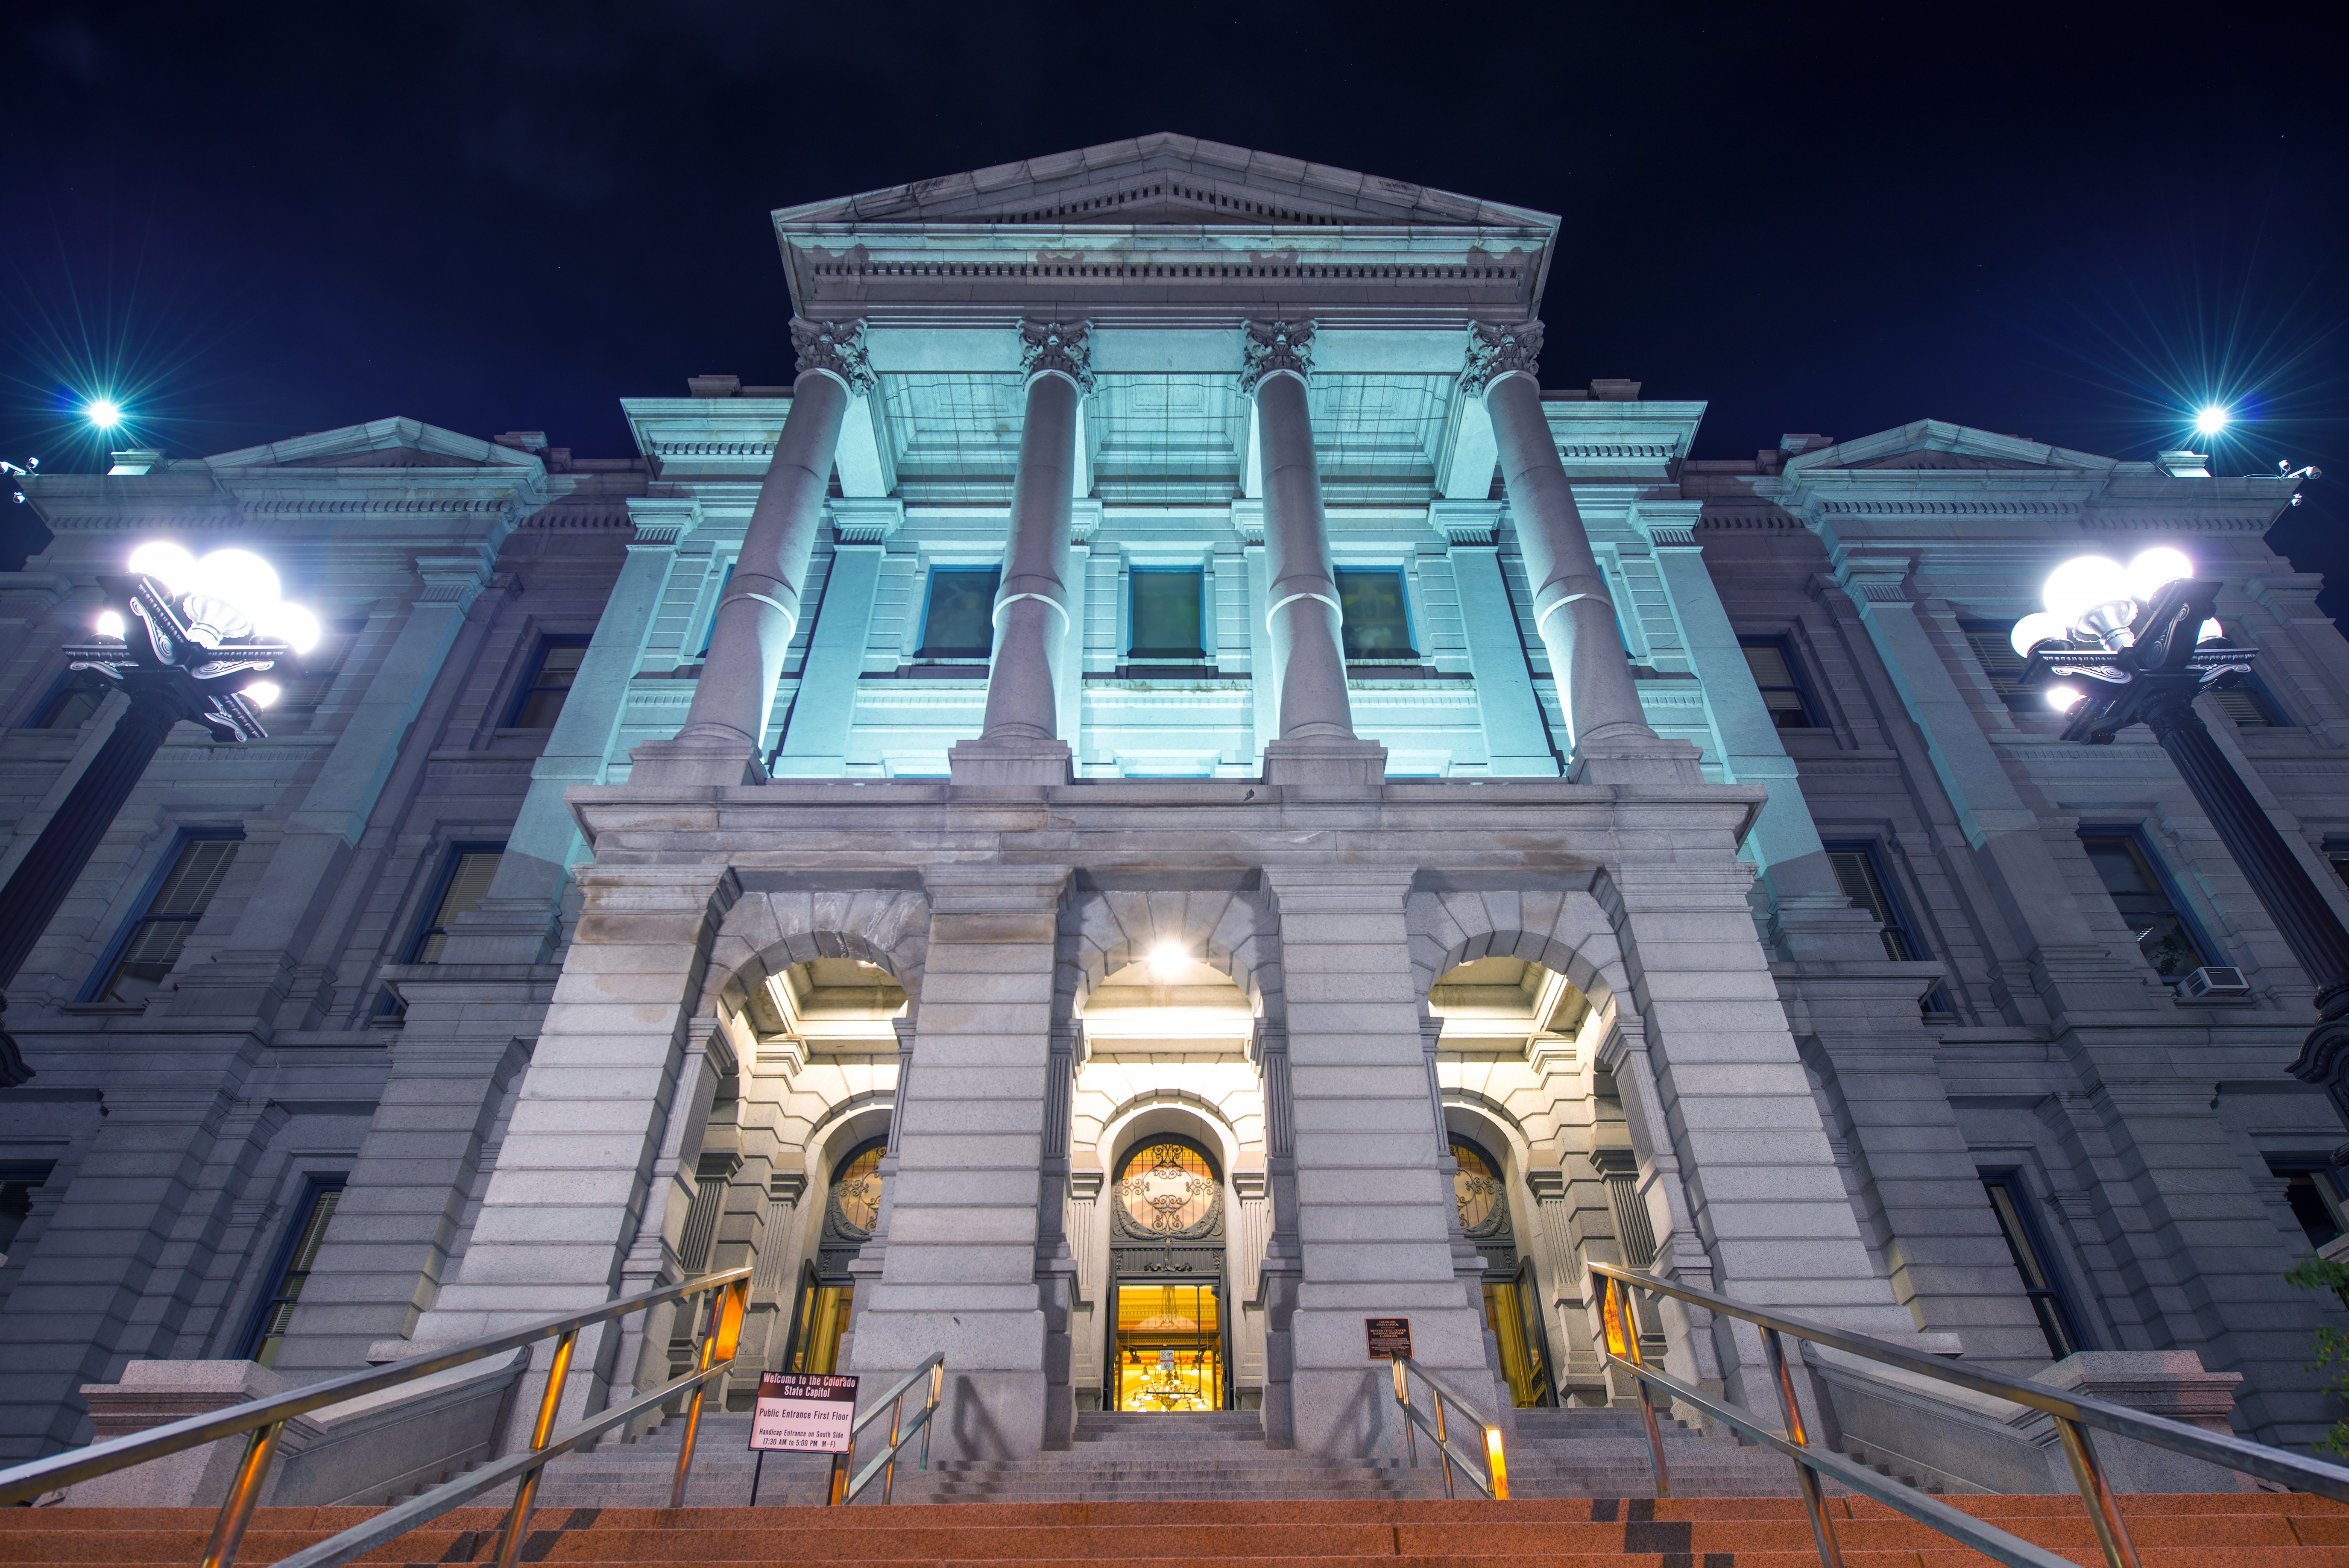 Denver Colorado Capitol Building at Night. Colorado State Capitol Located in Denver Colorado.